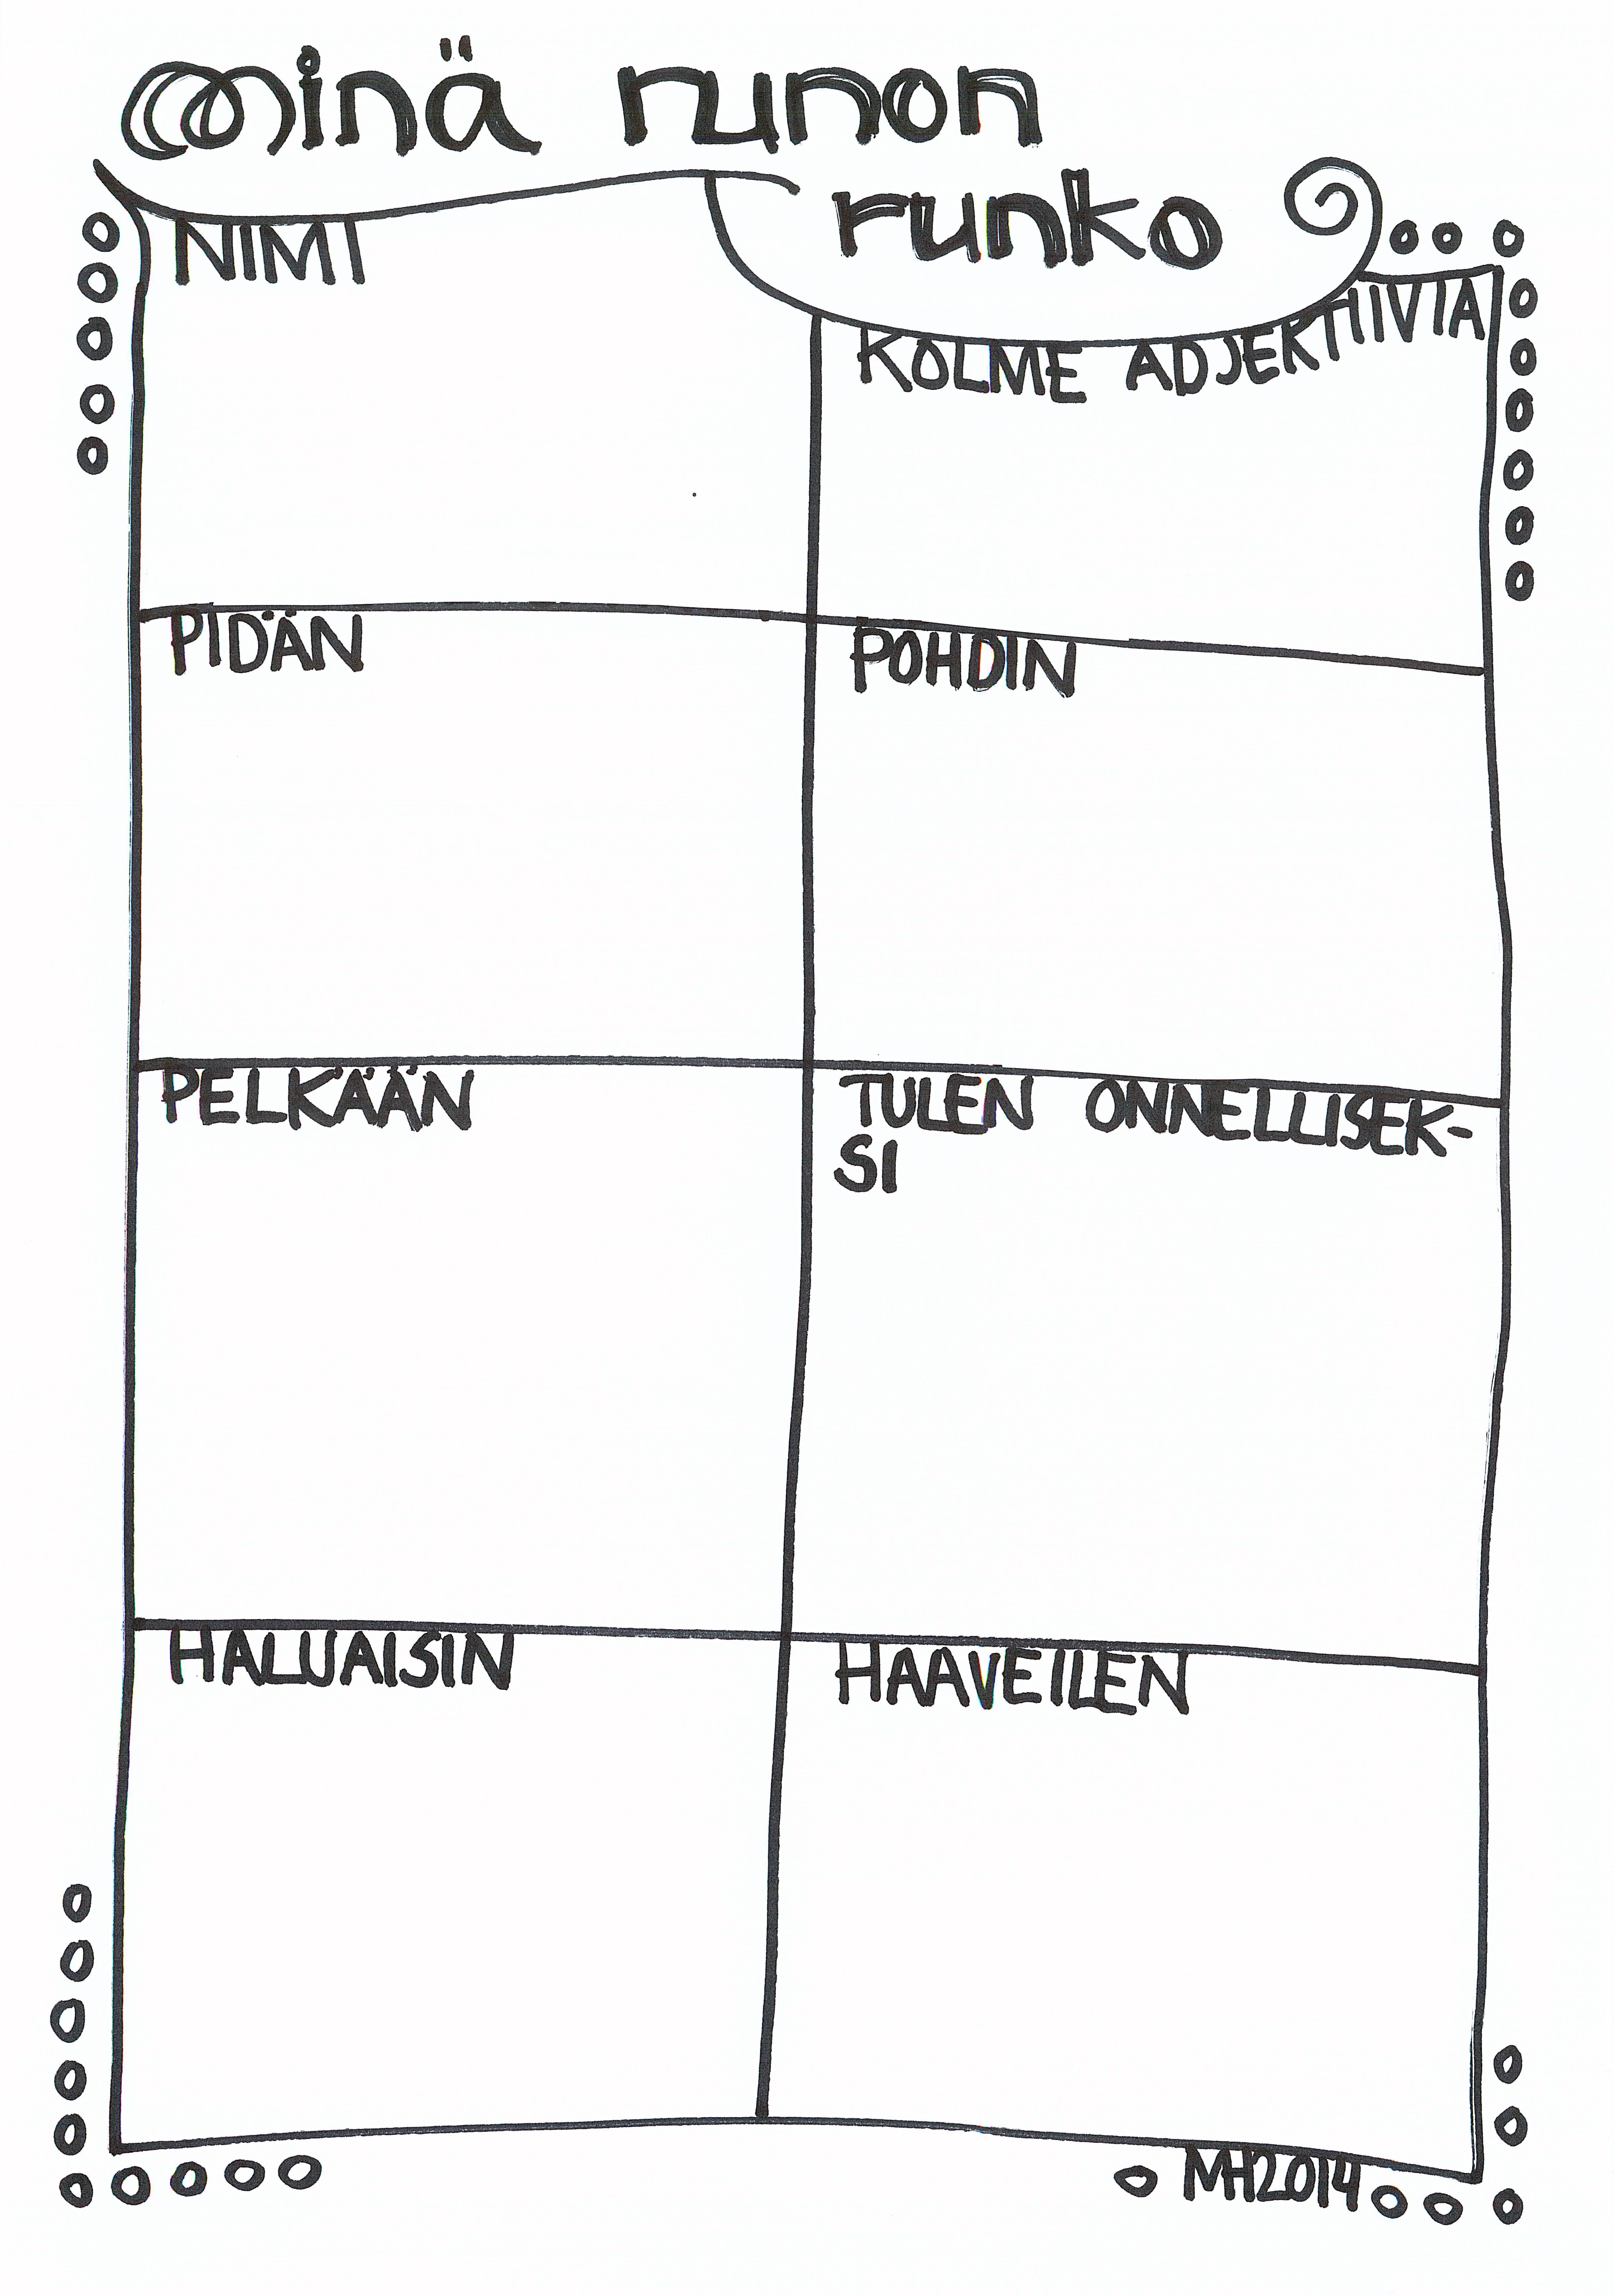 Minä-runon runko (oppilas vastaa laatikoihin, tämän jälkeen runon ...